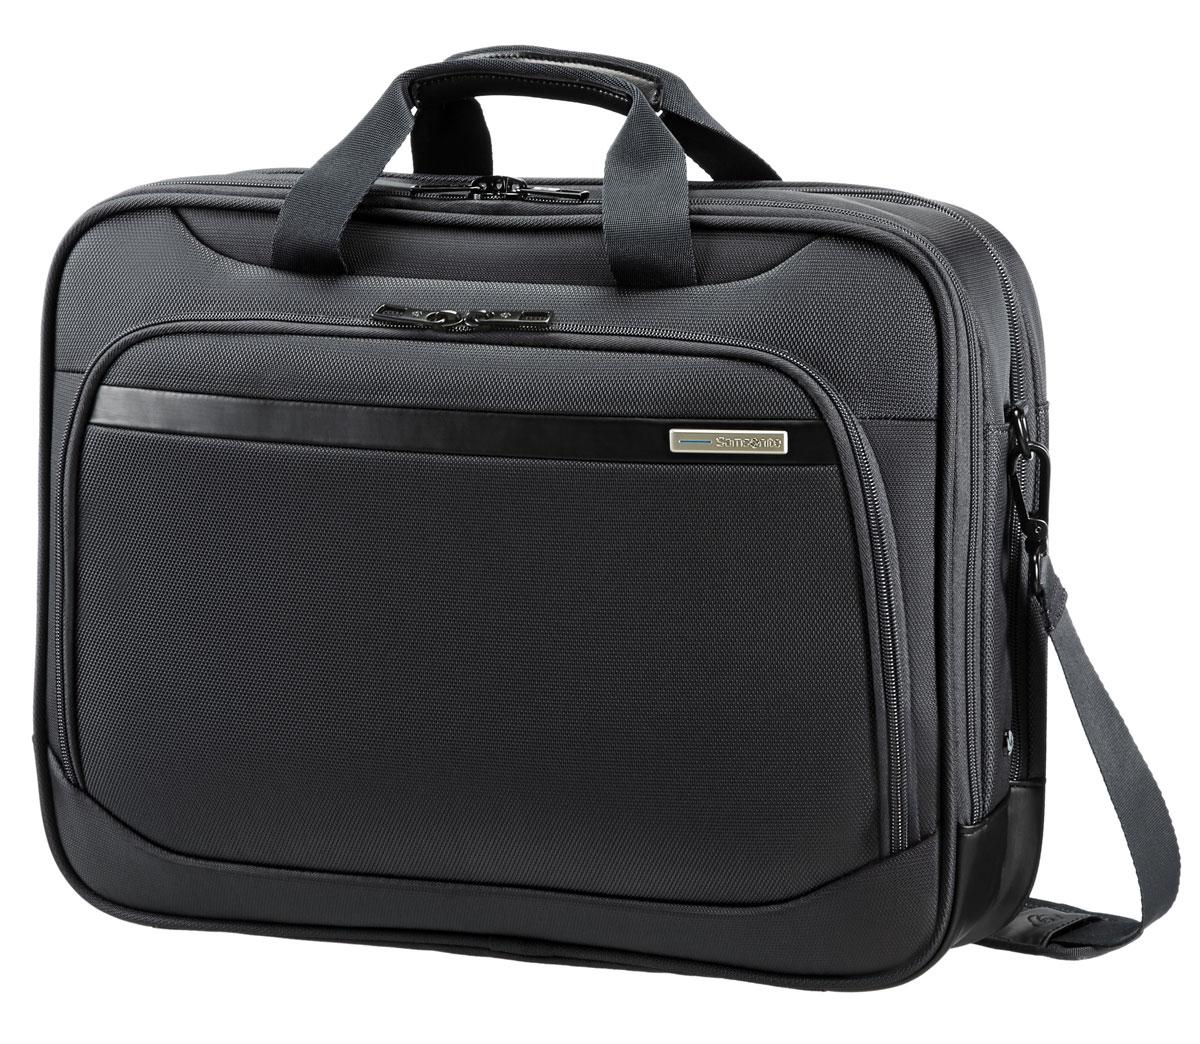 Сумка для ноутбука Samsonite, цвет: черный, 18 л. 80U*0900580U*09005